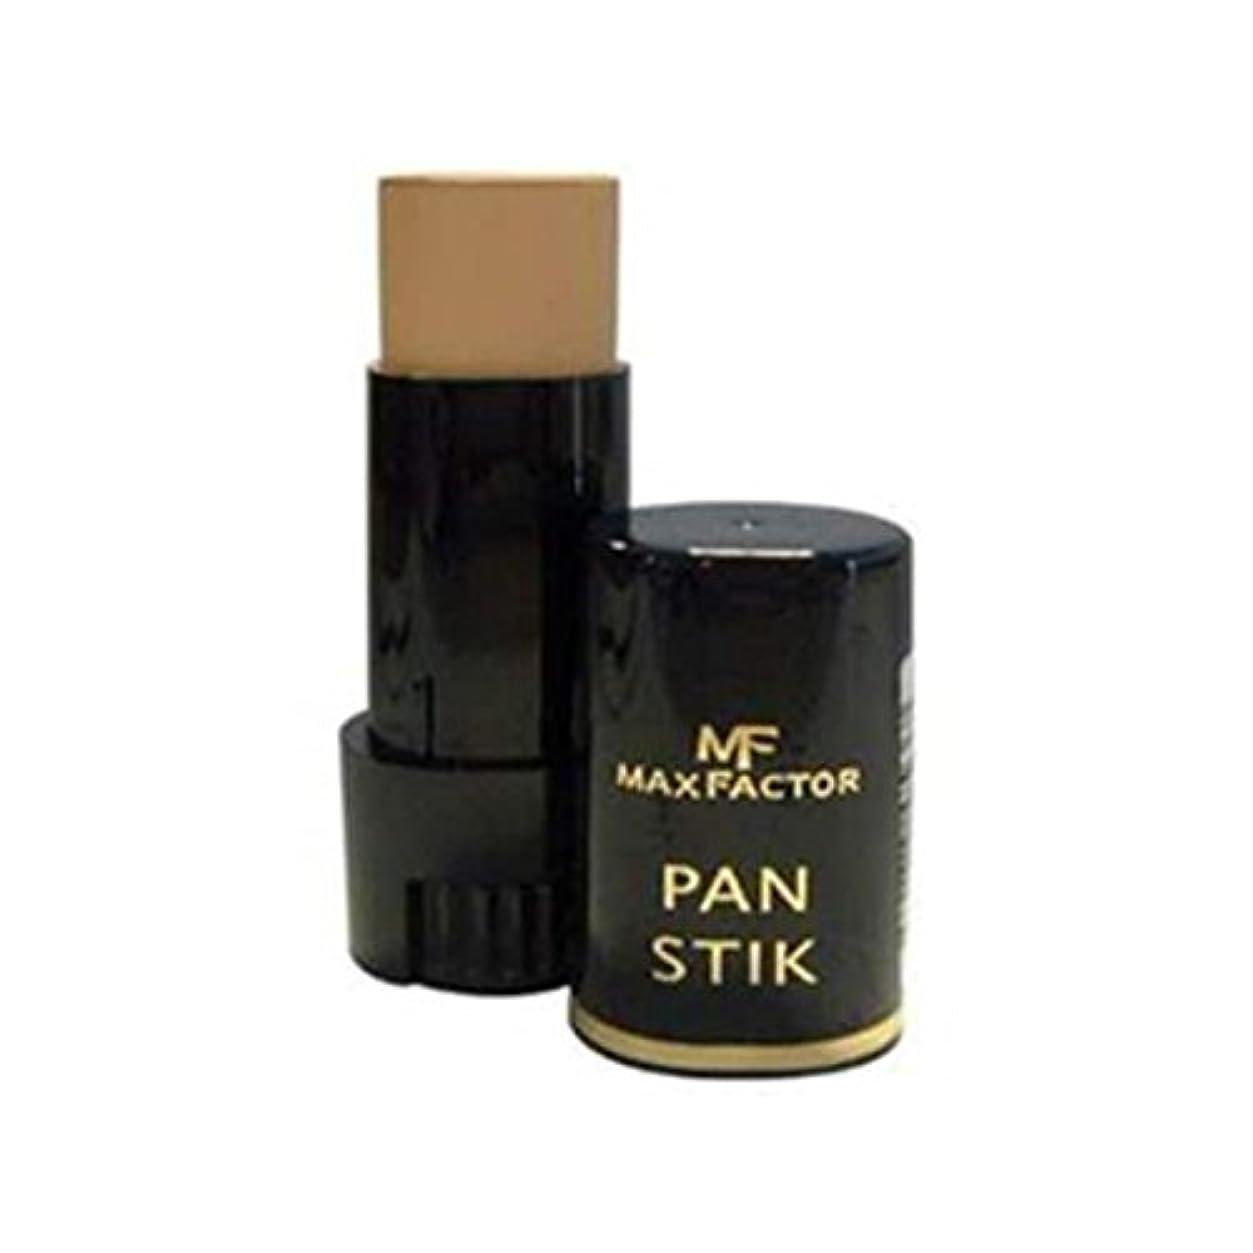 満州独裁者迅速マックスファクターパンスティック基盤深いオリーブ60 x4 - Max Factor Pan Stick Foundation Deep Olive 60 (Pack of 4) [並行輸入品]